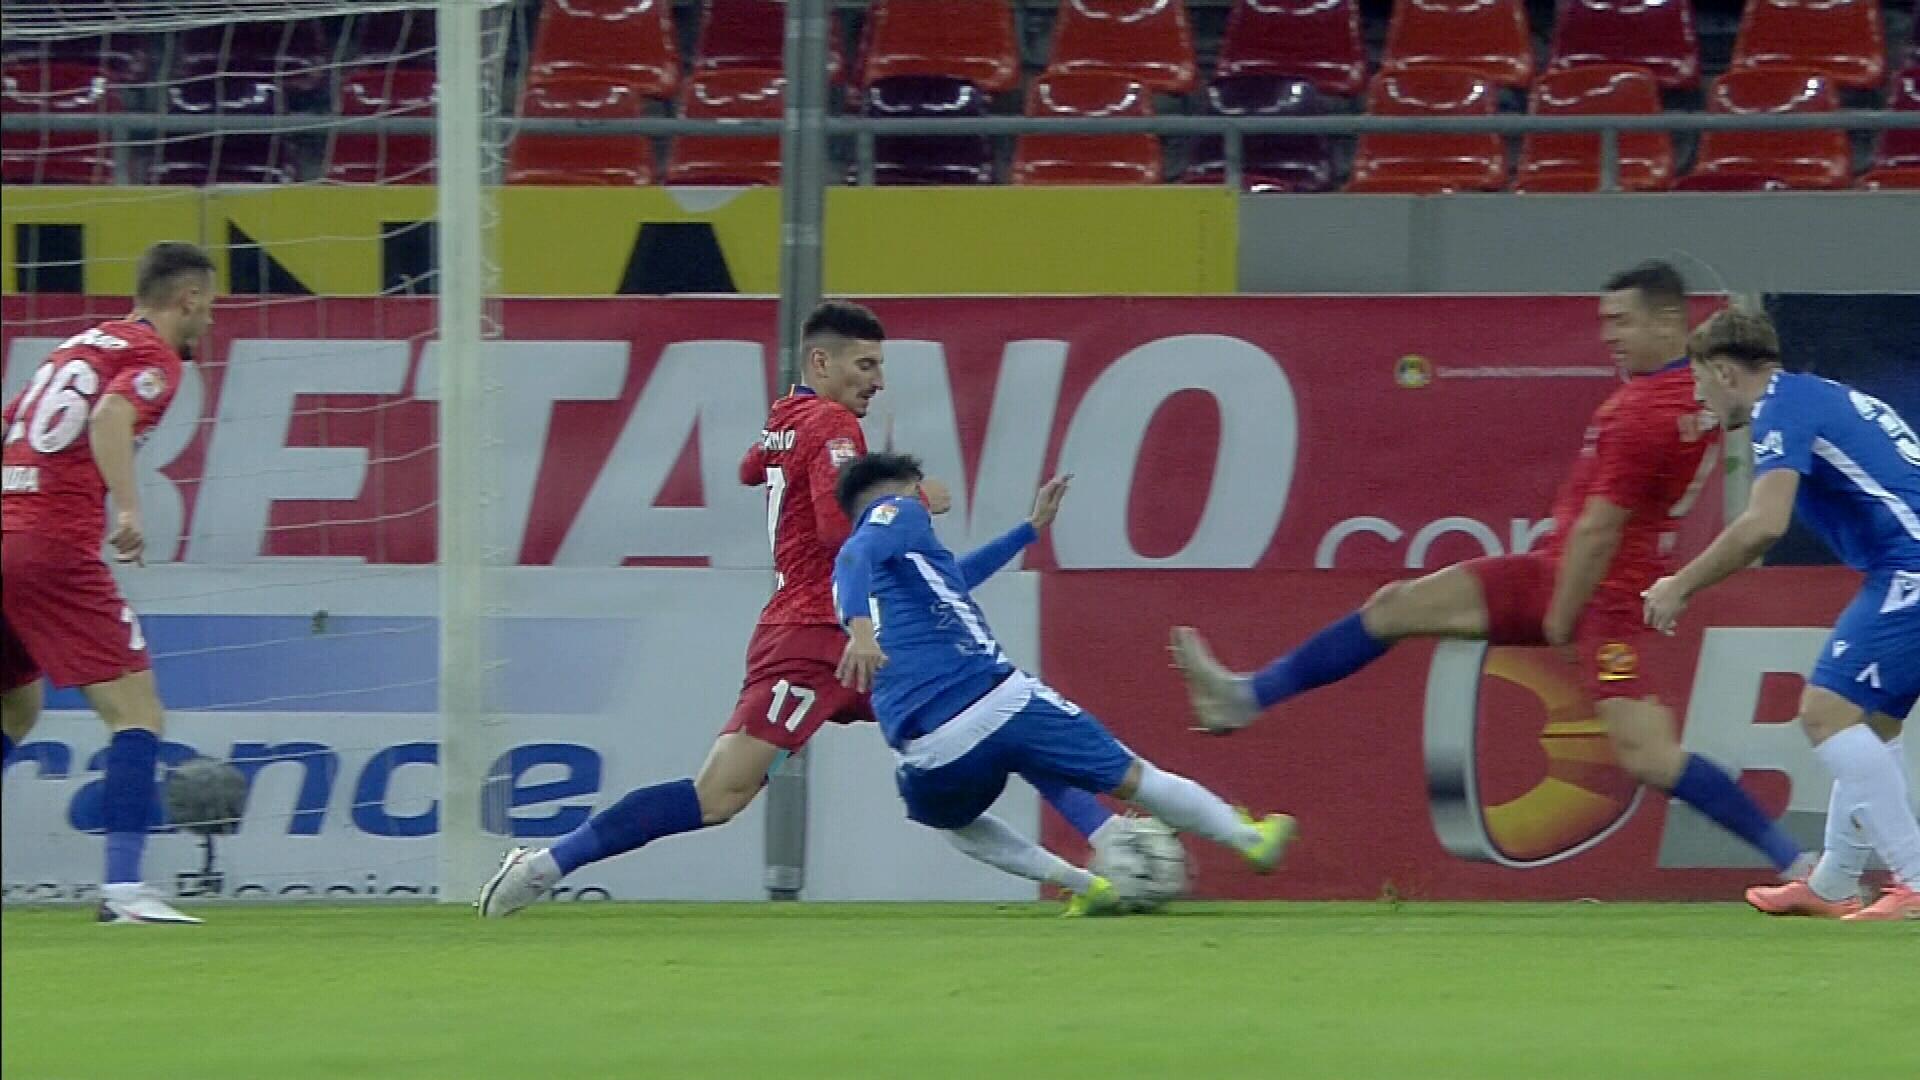 FCSB - FC Voluntari 0-0, ACUM, Digi Sport 1. Ilfovenii au prima ocazie și cer penalty